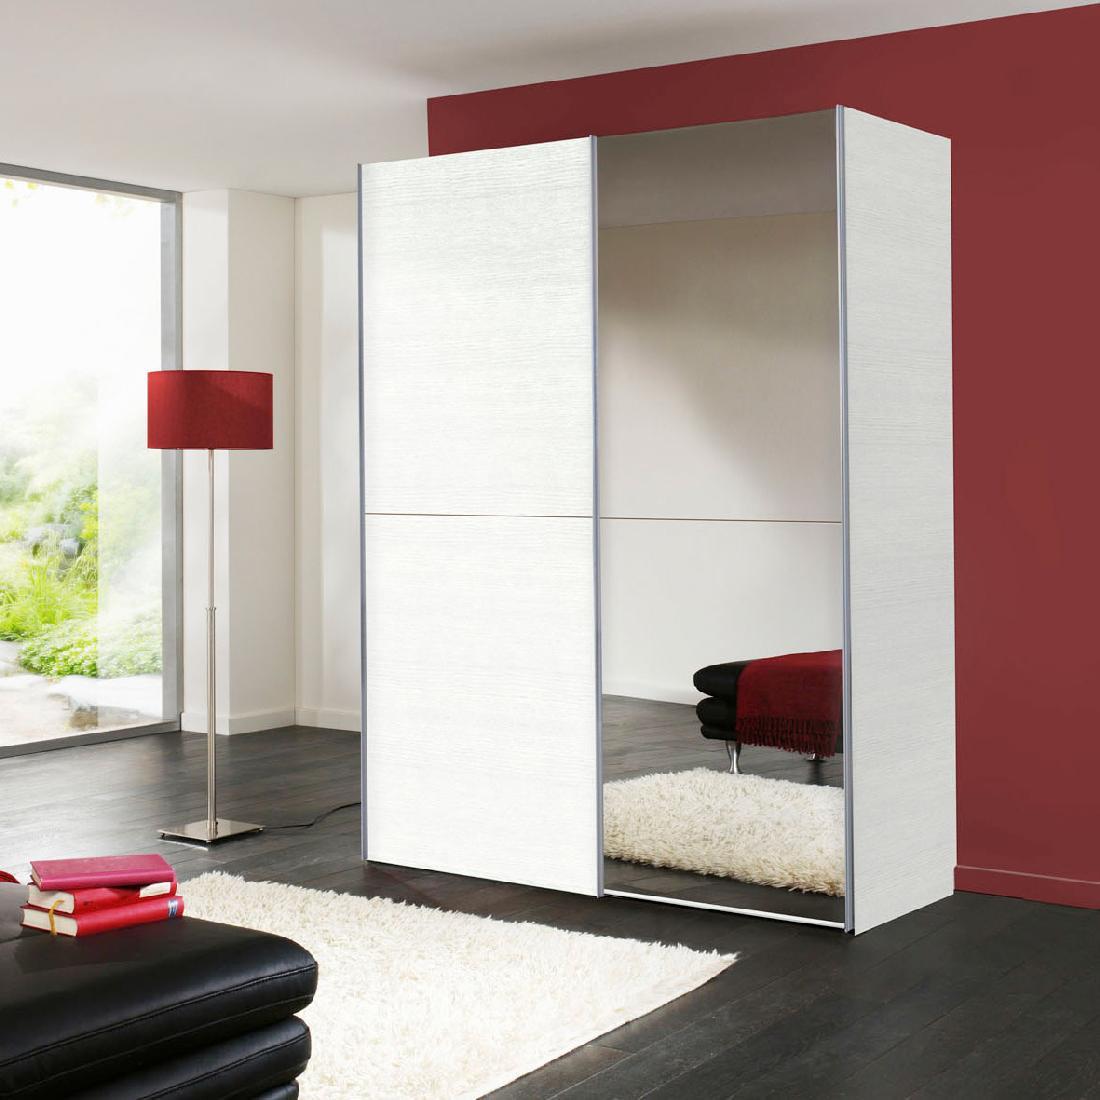 Schwebetürenschrank 2-türig + Spiegel Struktur Weiß Kleiderschrank Schrank NEU  eBay